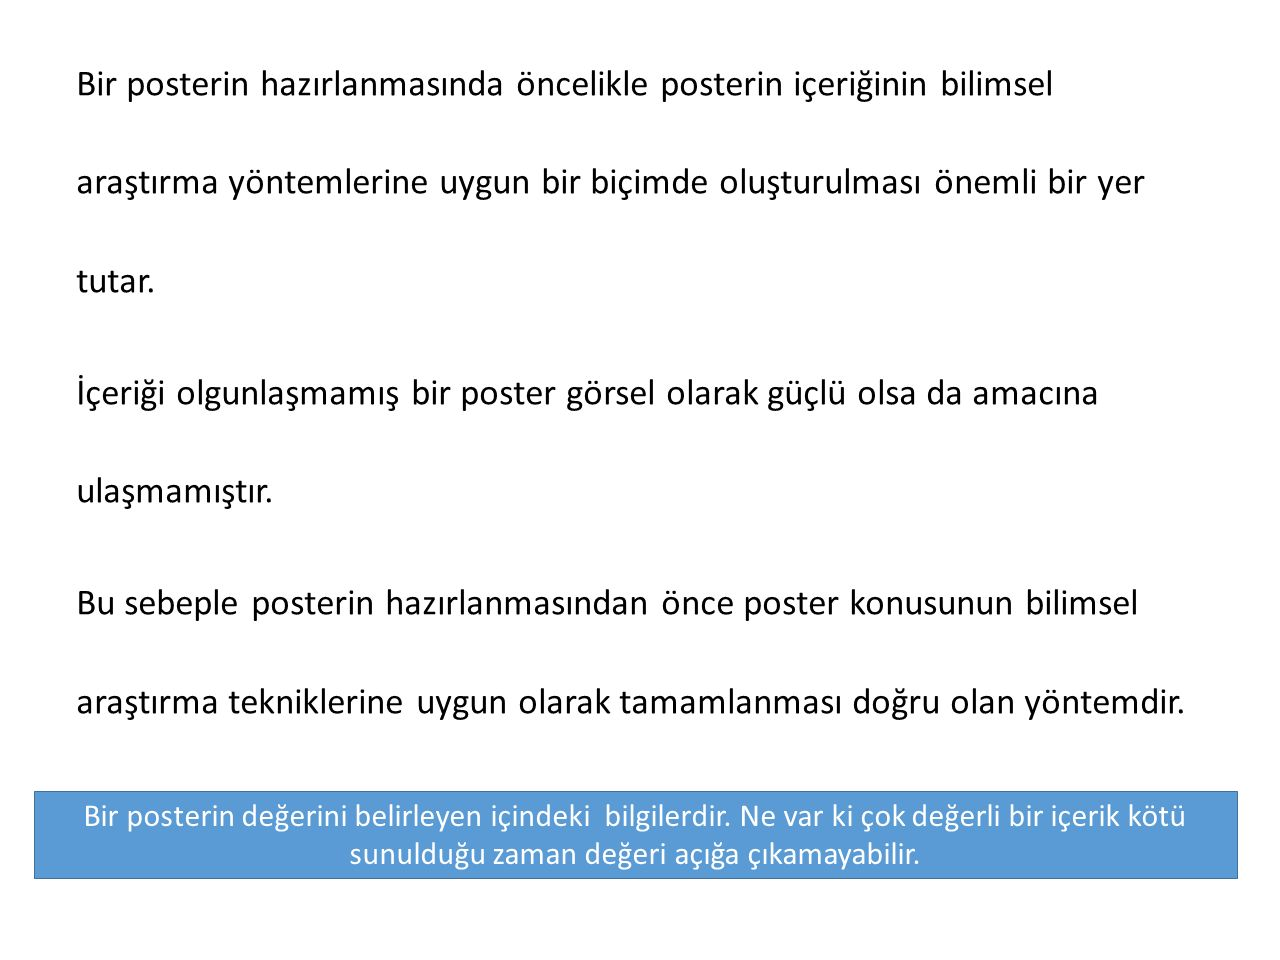 Bulgular 1.Paragrafta kalitatif ve tanımlayıcı değerler, 2.